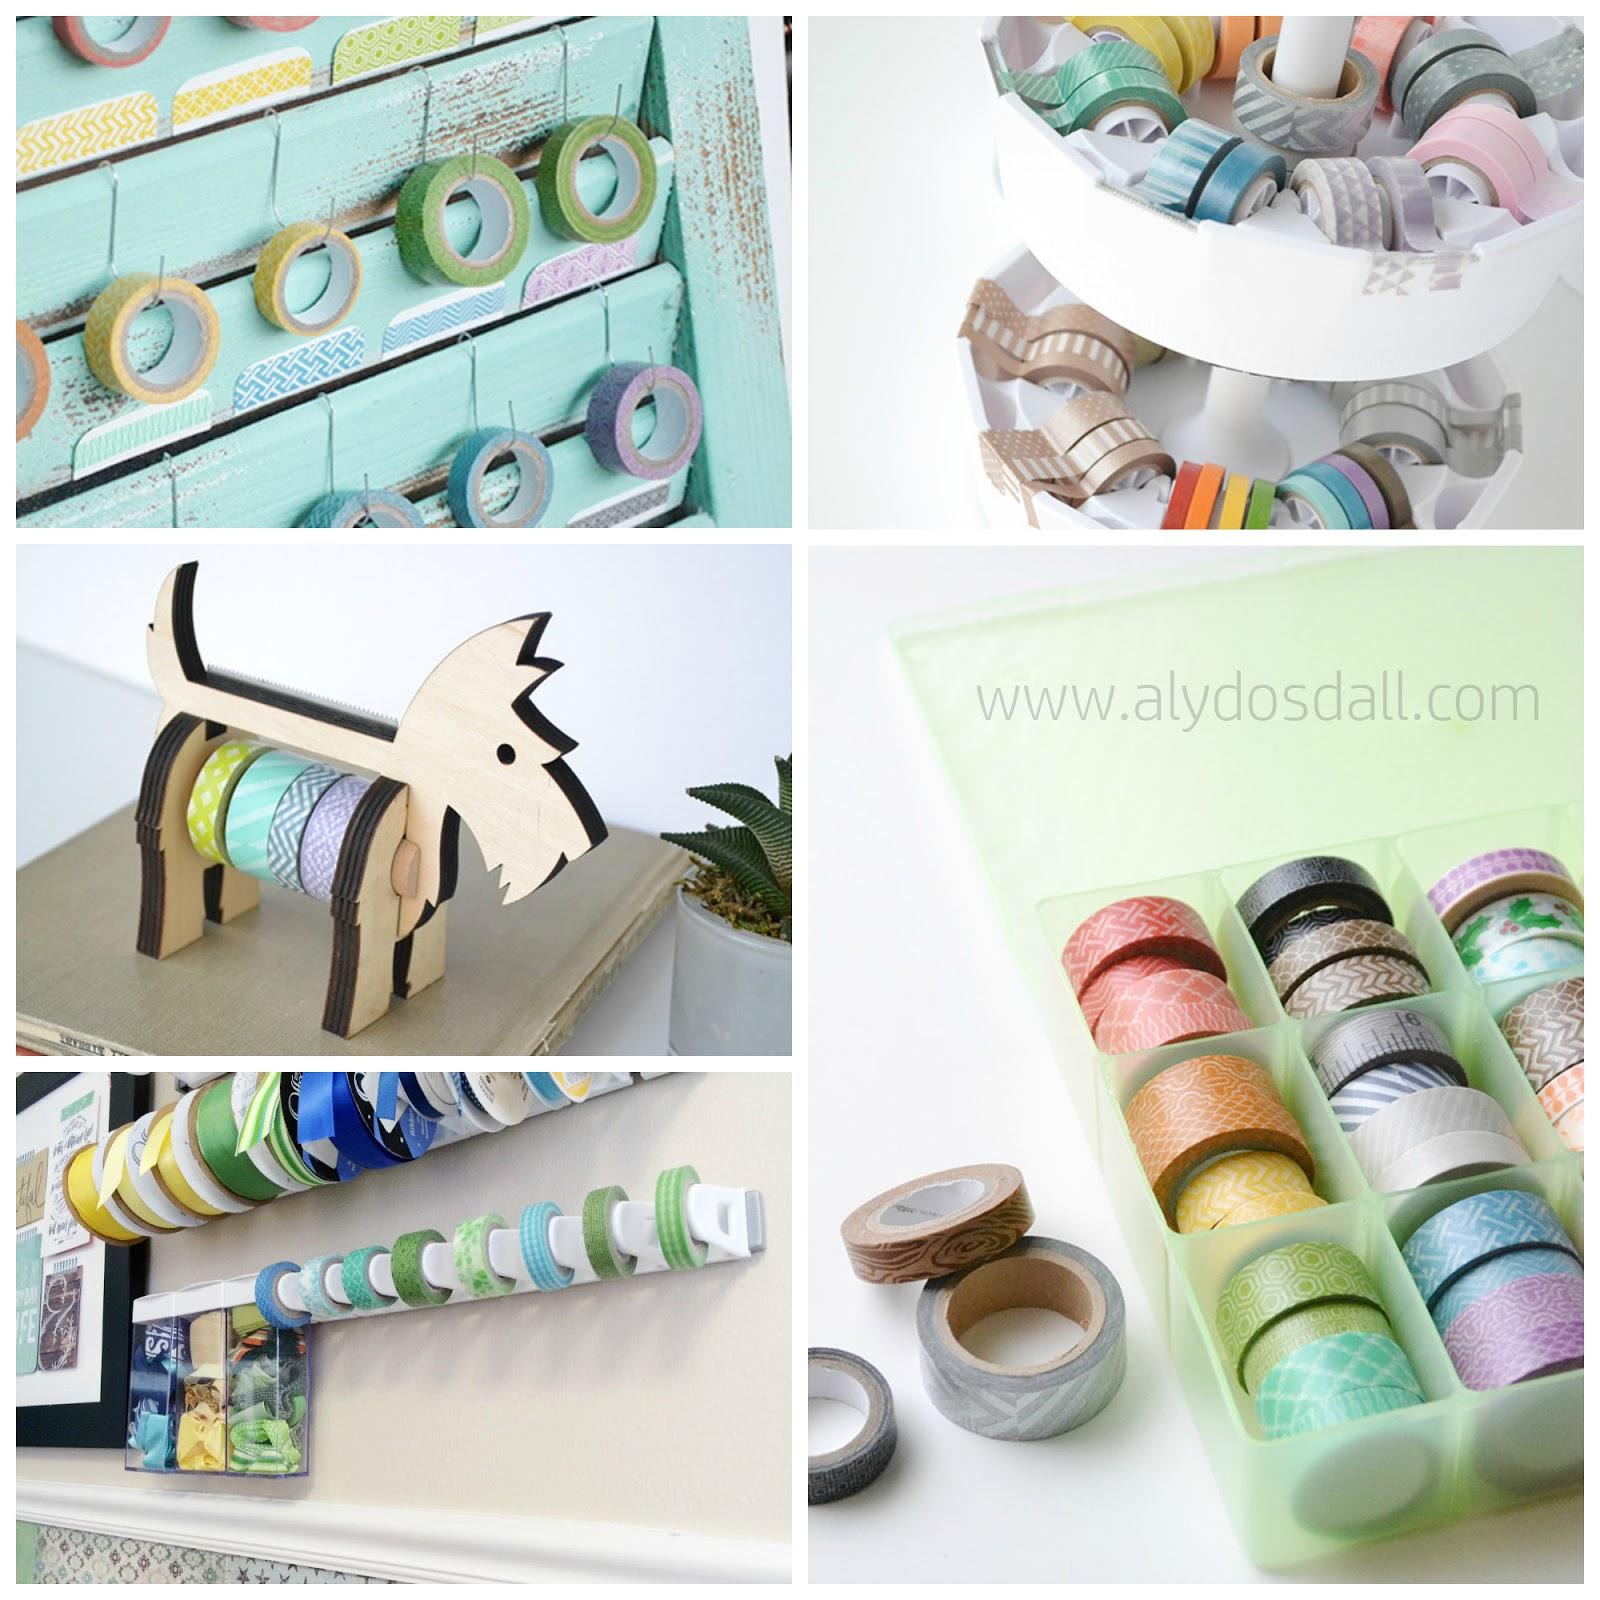 Aly dosdall 5 washi tape storage ideas - Decoracion con washi tape ...